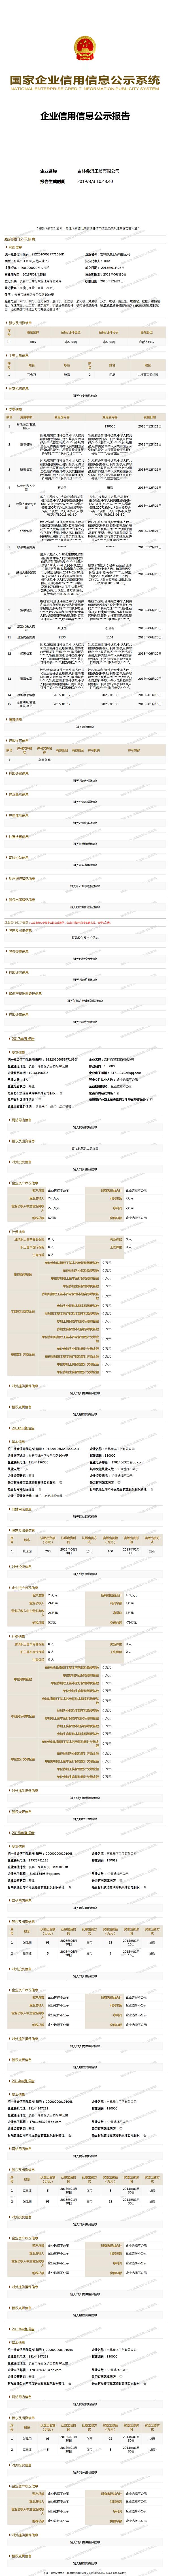 吉林鼎淇工贸有限公司